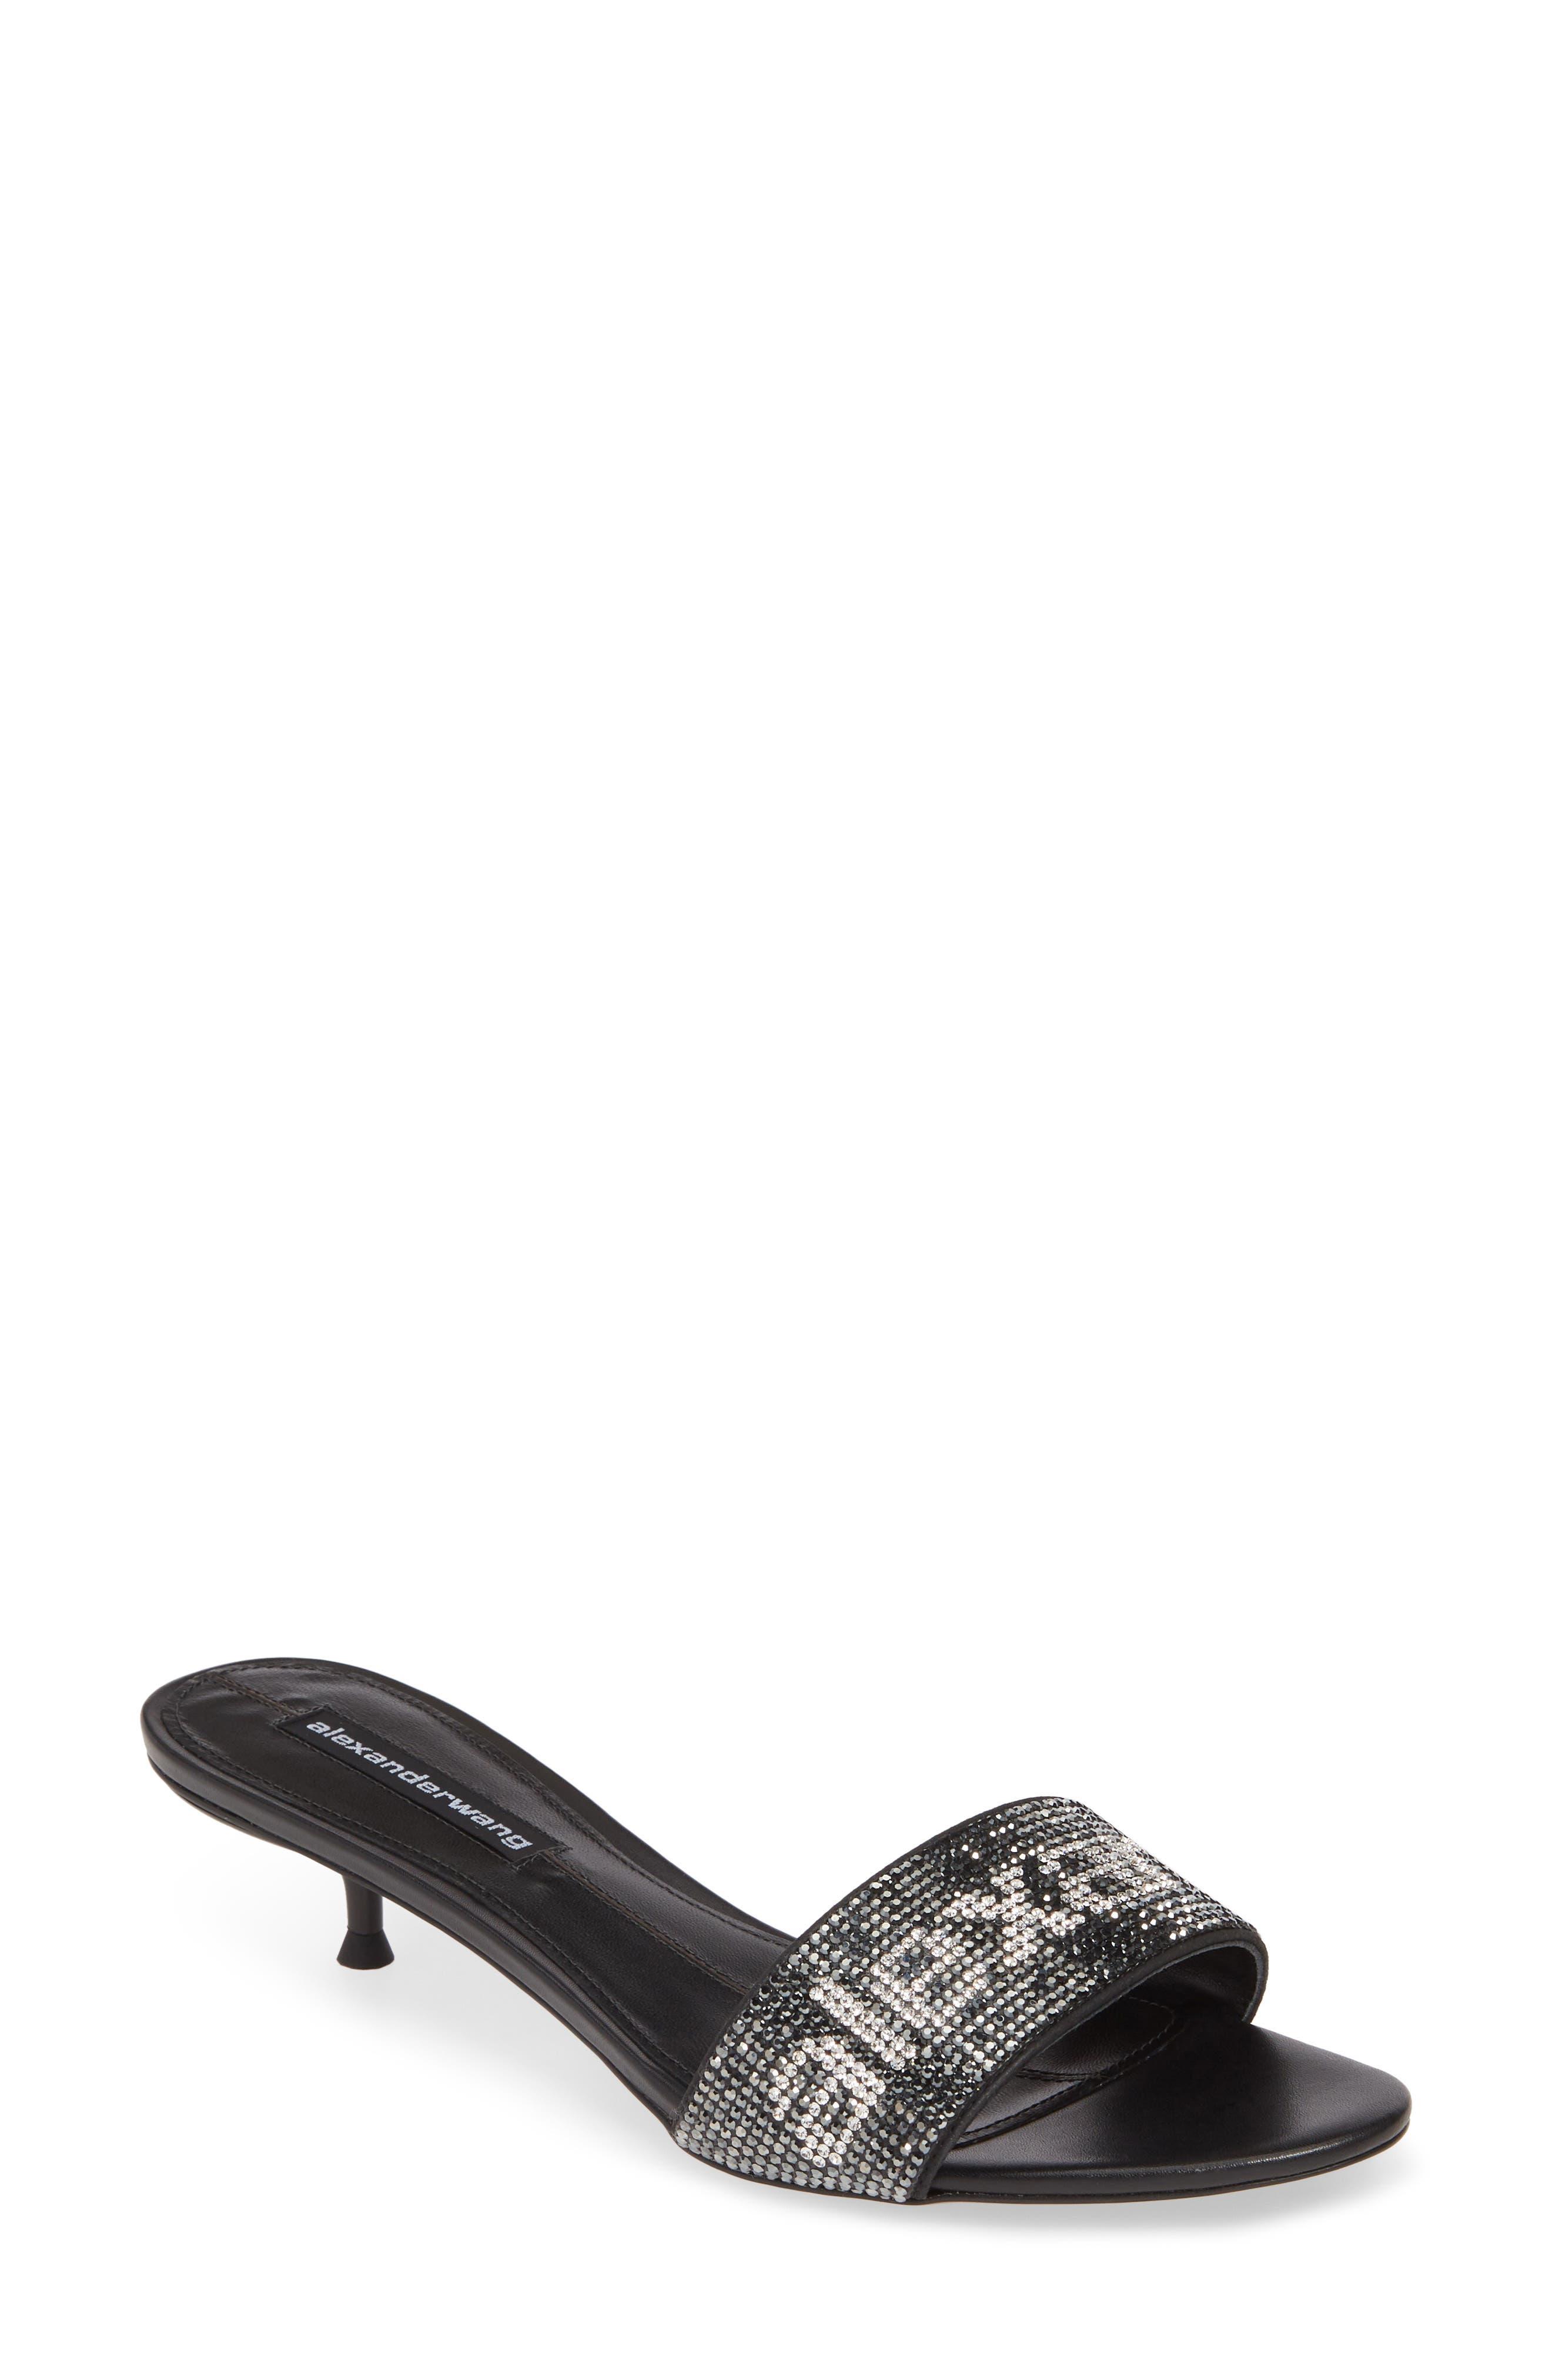 86f6c77aa1c Designer Sandals for Women